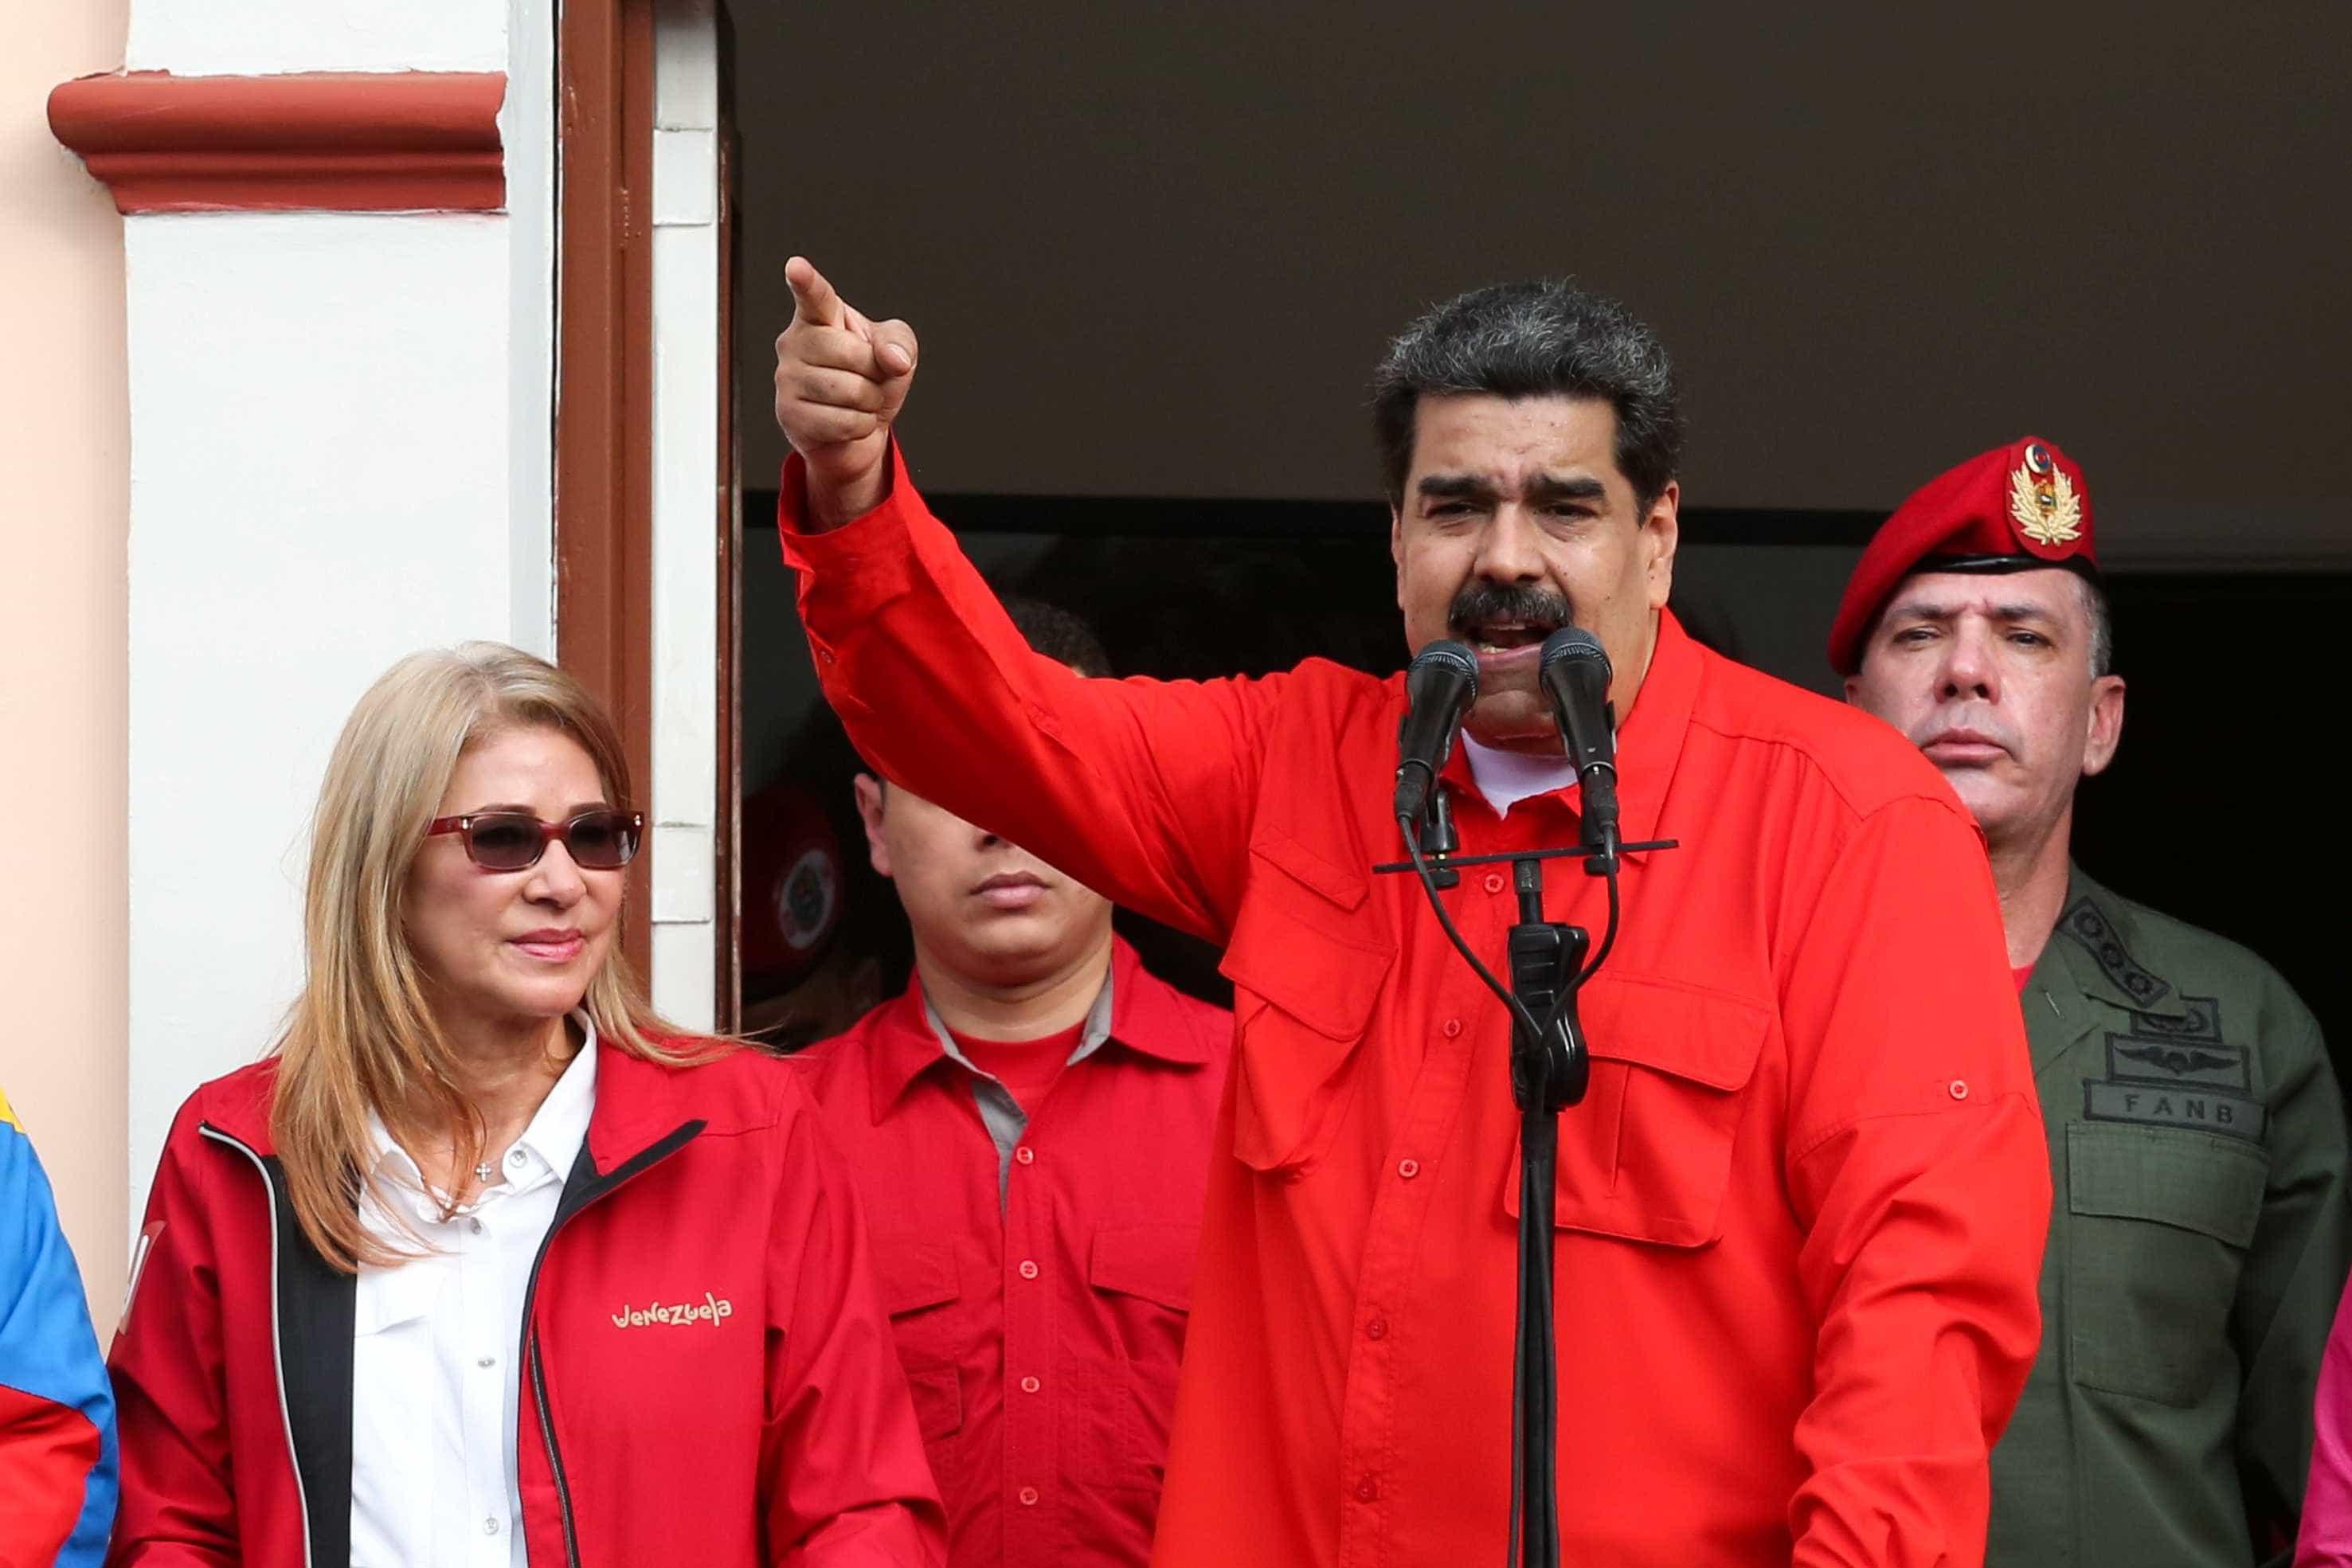 Venezuela: lei prevê anistia a quem ajudar na mudança de governo